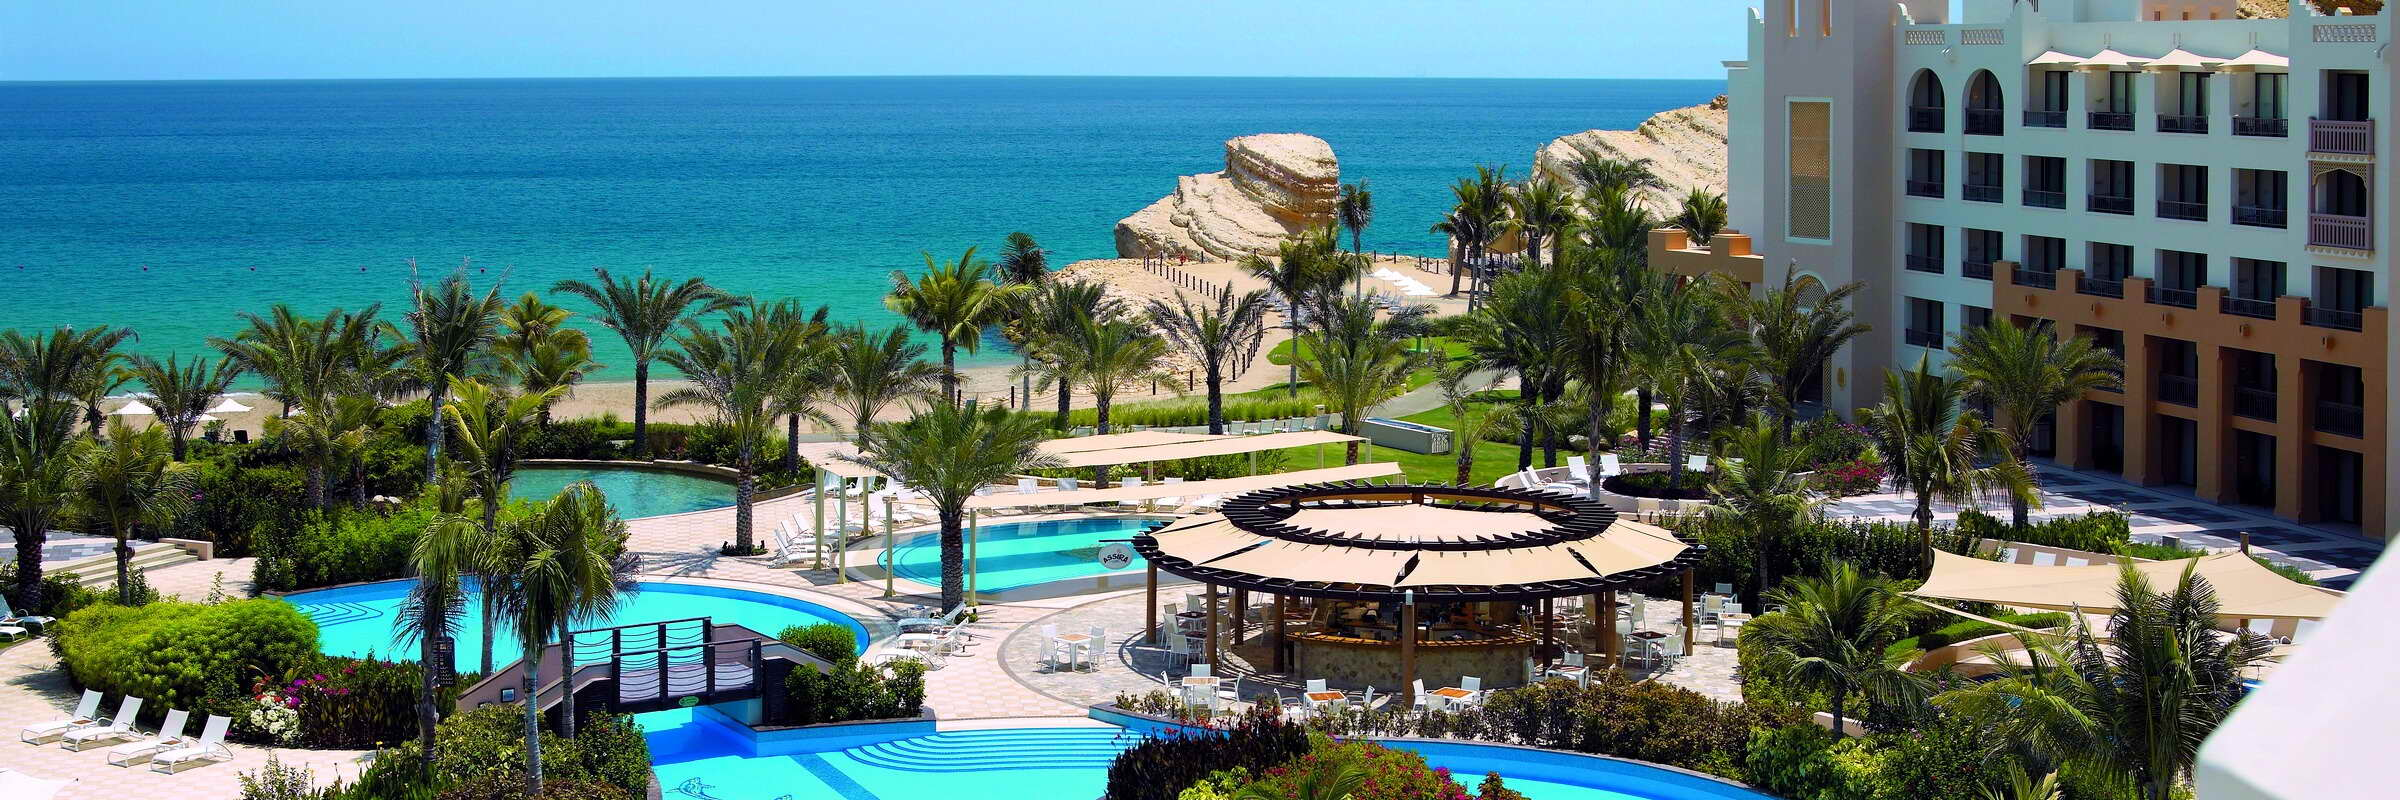 Die einladende Pool- und Gartenlandschaft des Shangri-La Al Waha